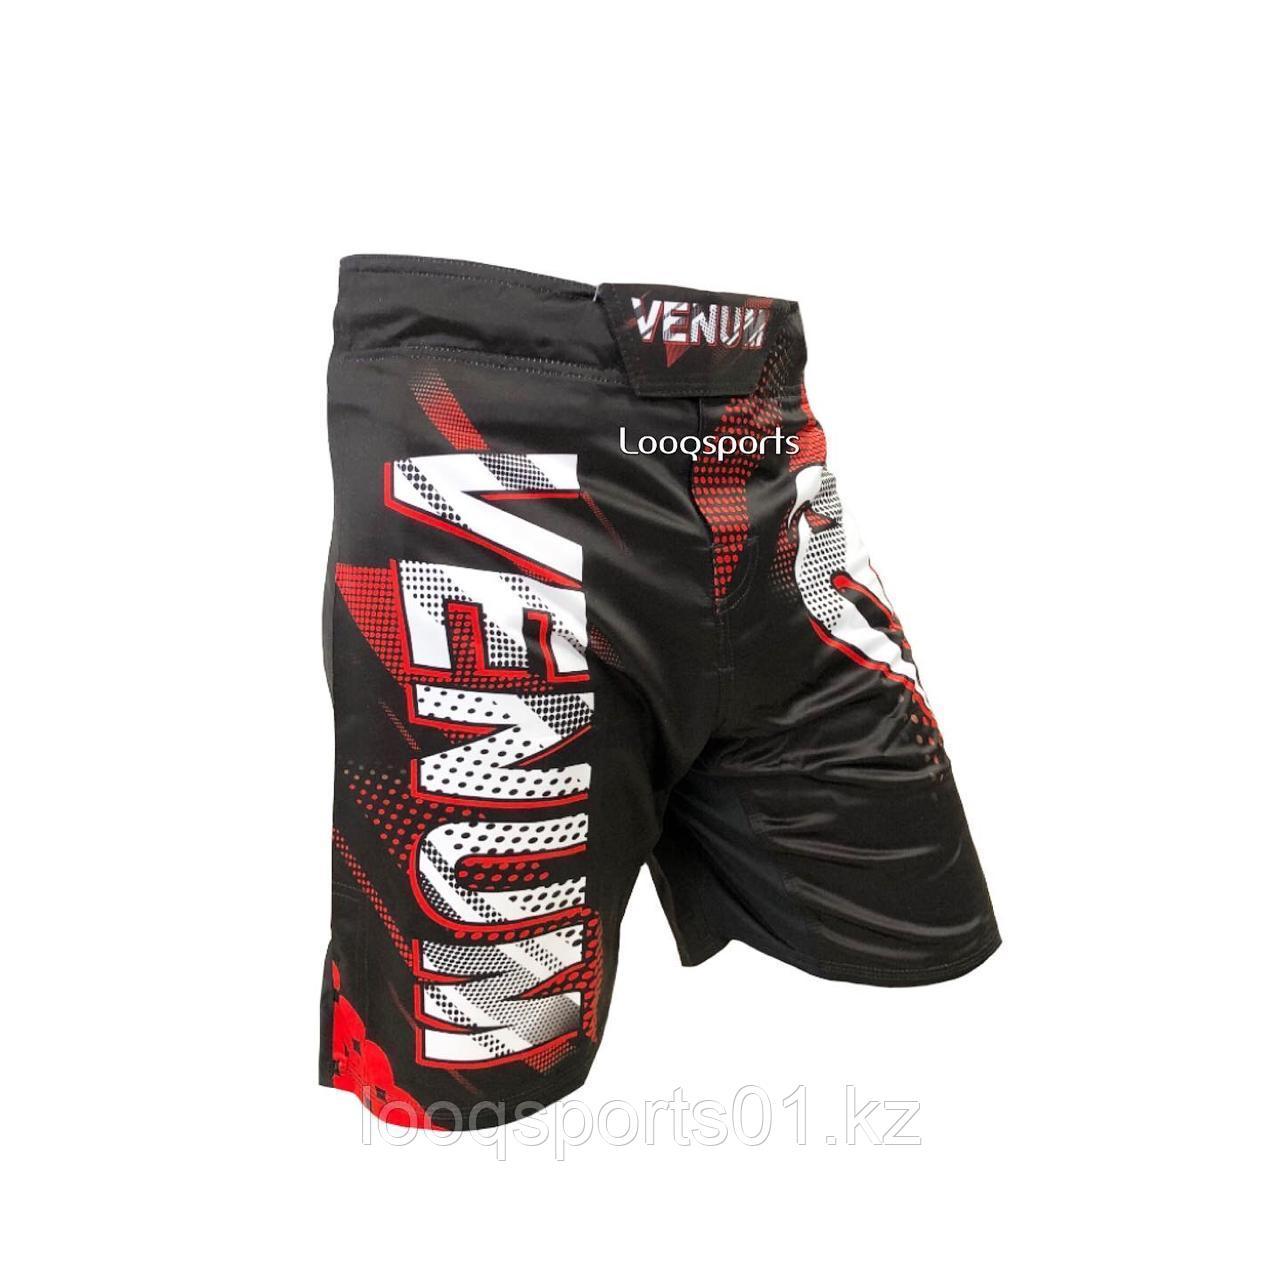 Спортивные шорты для единоборств мма (Venum)